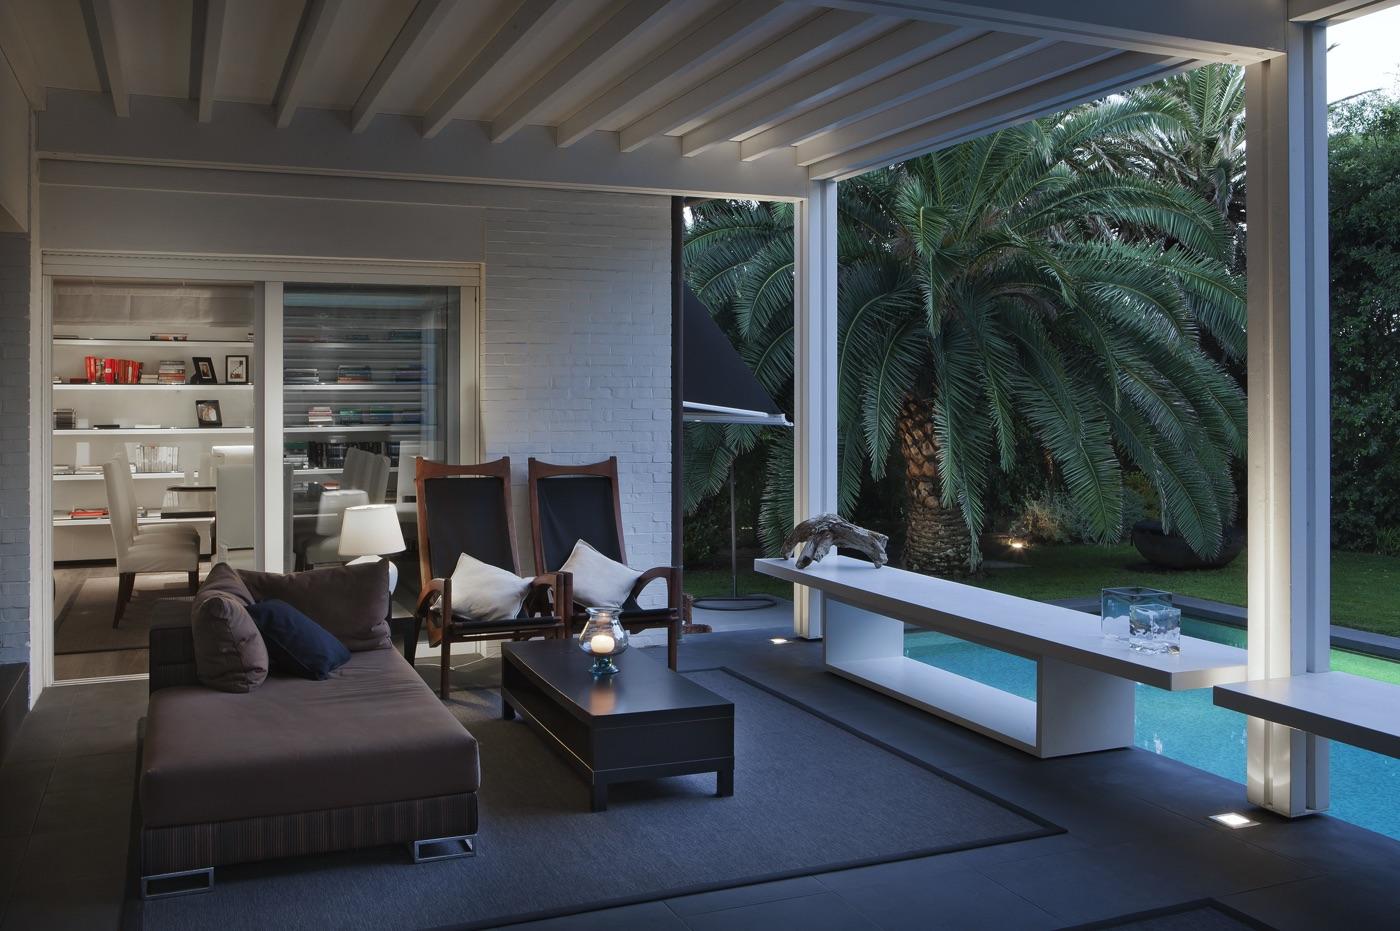 un angolo del patio vicino alla piscina con una palma sullo sfondo